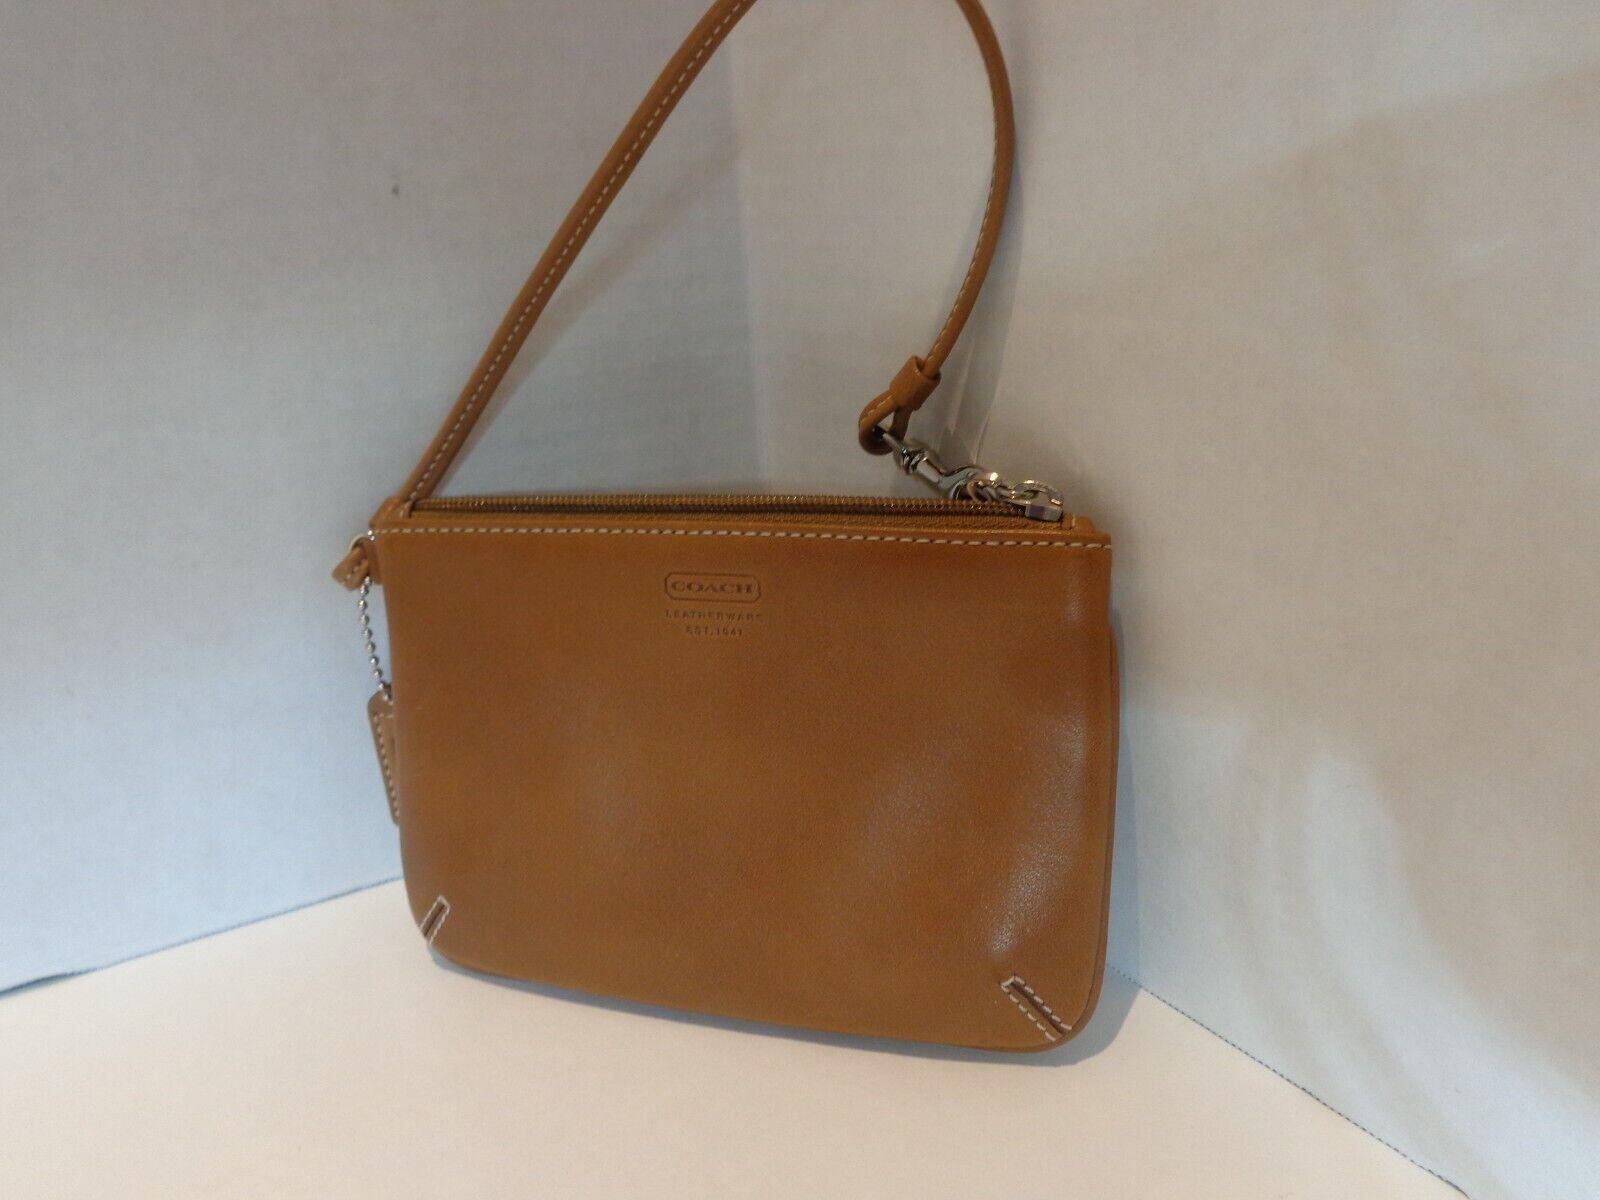 Coach Slim Wristlet Wallet Saddle Light Brown Leather NWOT